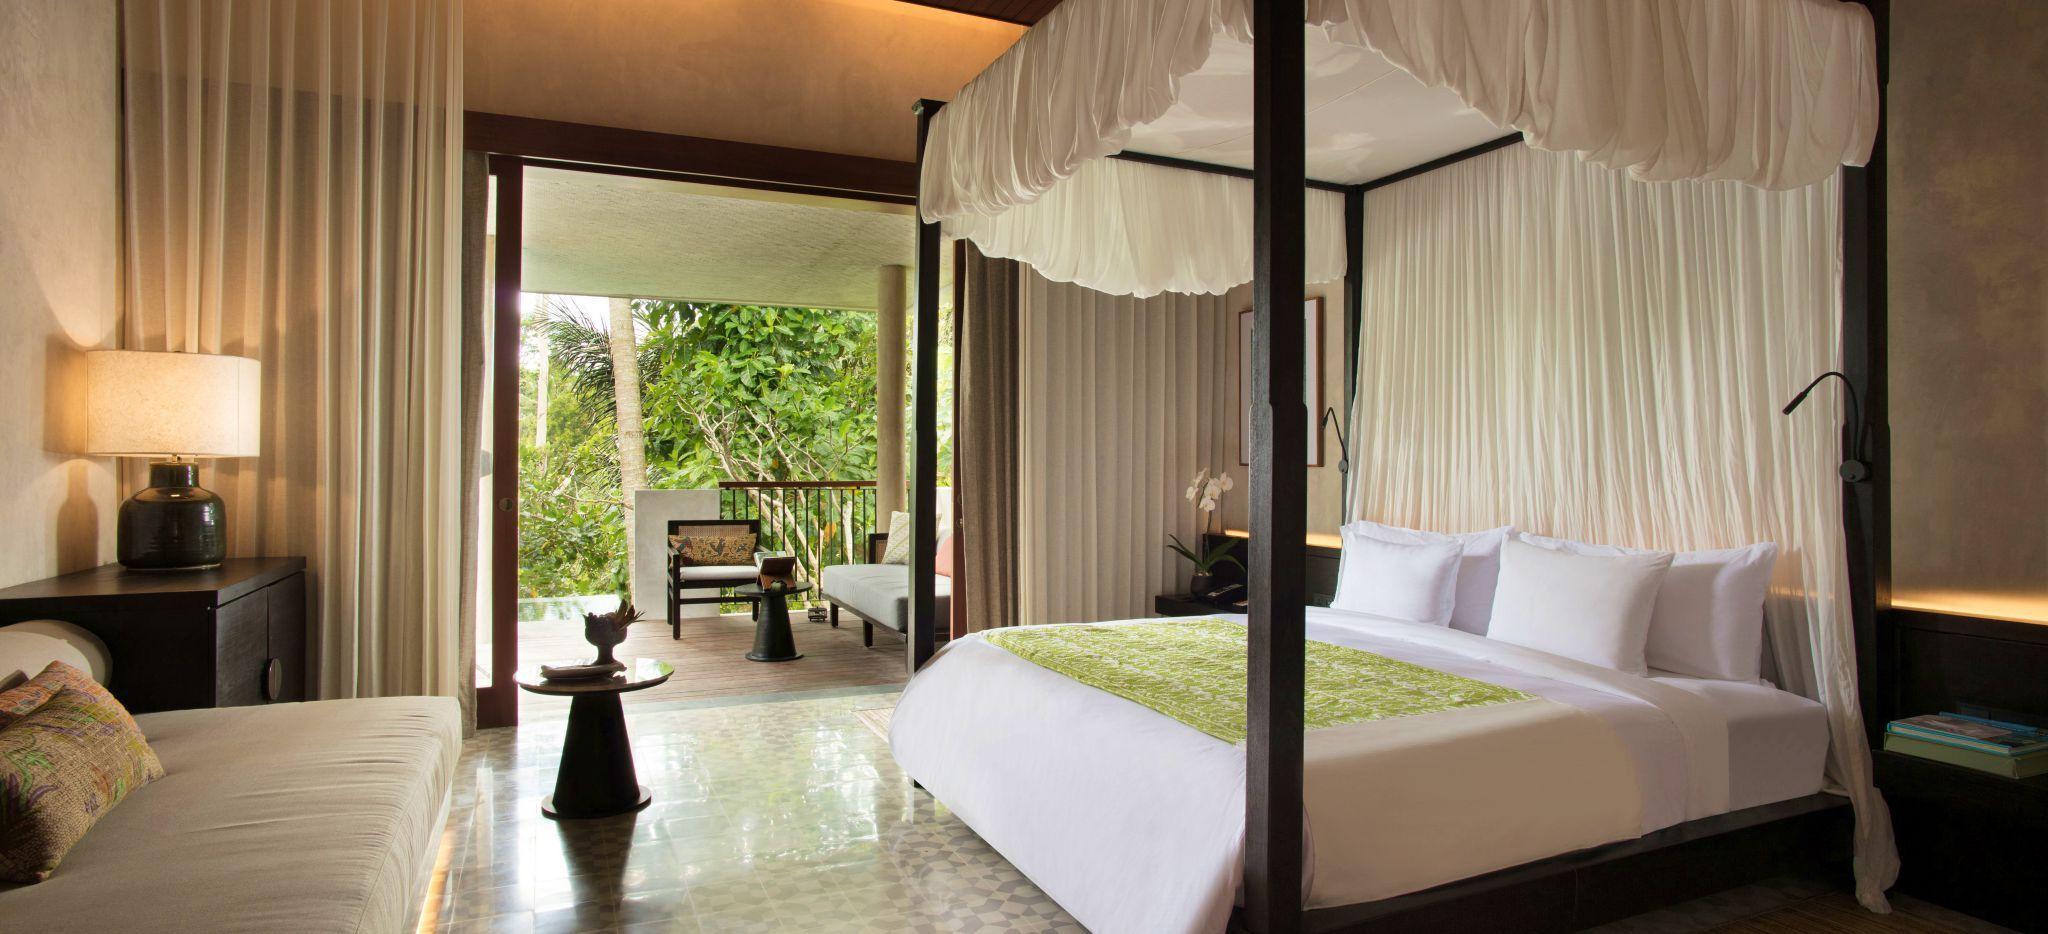 Schlafzimmer des Hotels Alila Ubud mit Blick in den tropischen Garten